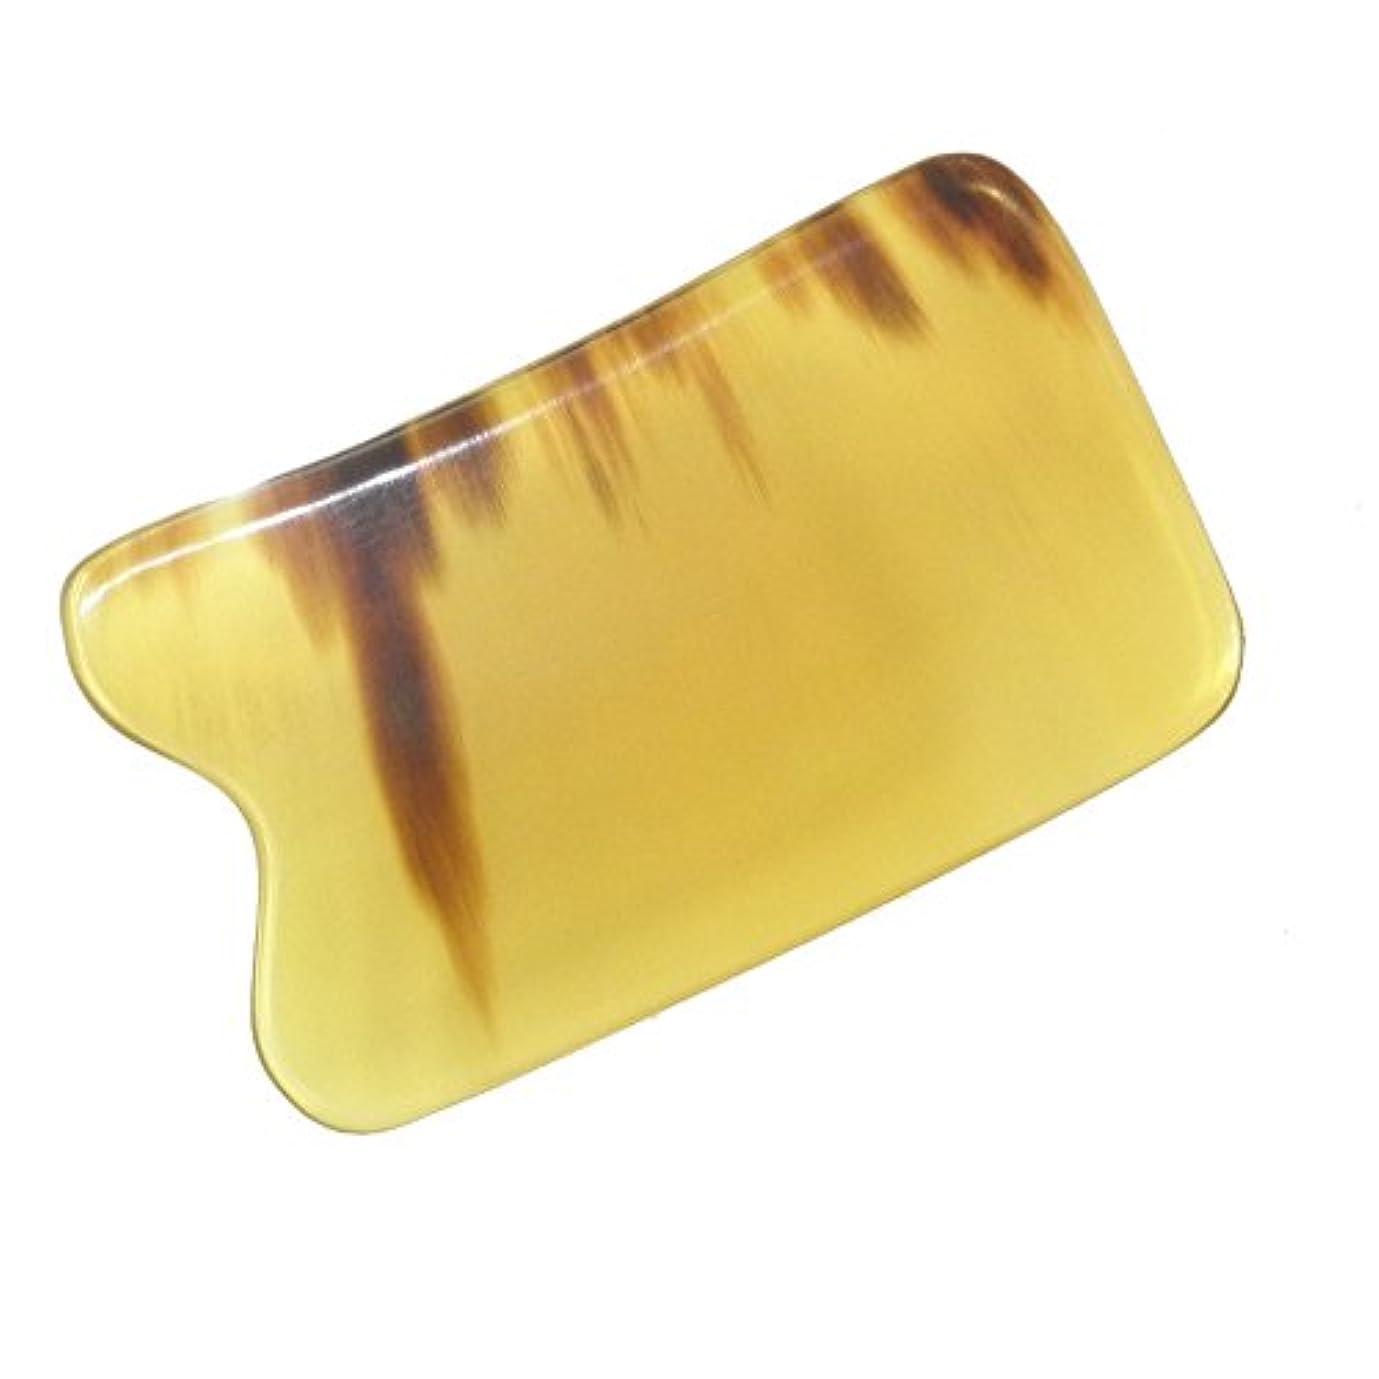 大きさ合図プライムかっさ プレート 厚さが選べる 水牛の角(黄水牛角) EHE219SP 四角凹 特級品 少し薄め(4ミリ程度)